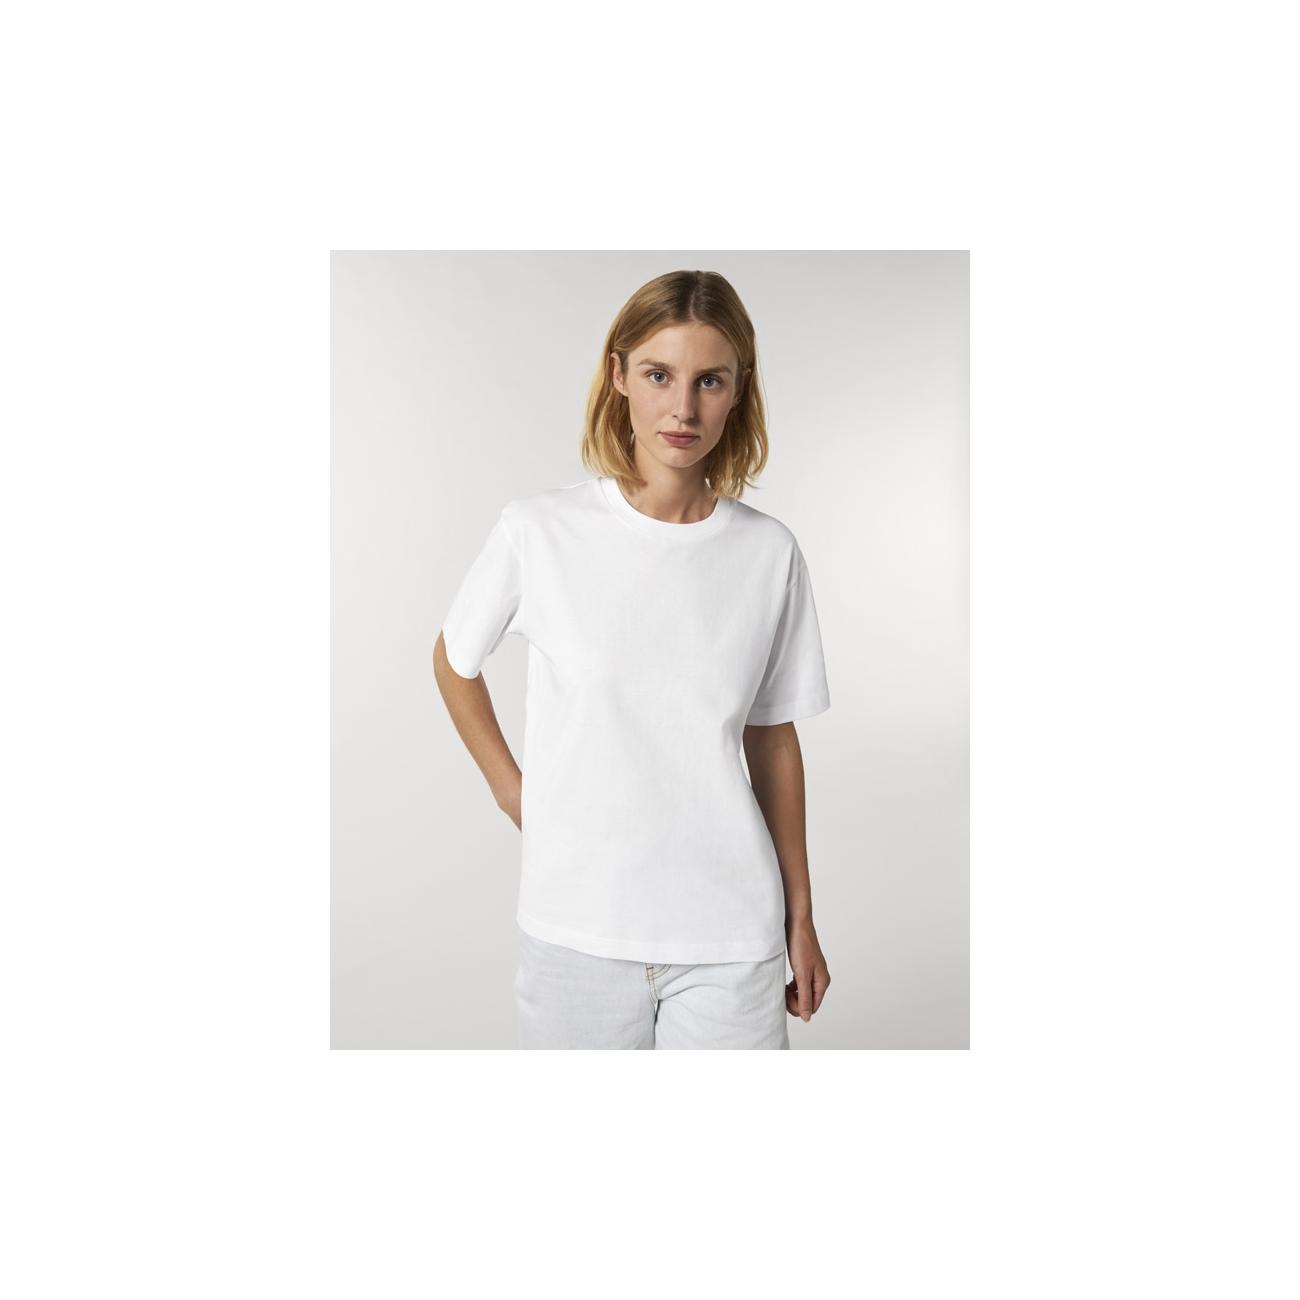 https://tee-shirt-bio.com/9663-thickbox_default/t-shirt-coupe-ample-femme-caramel.jpg